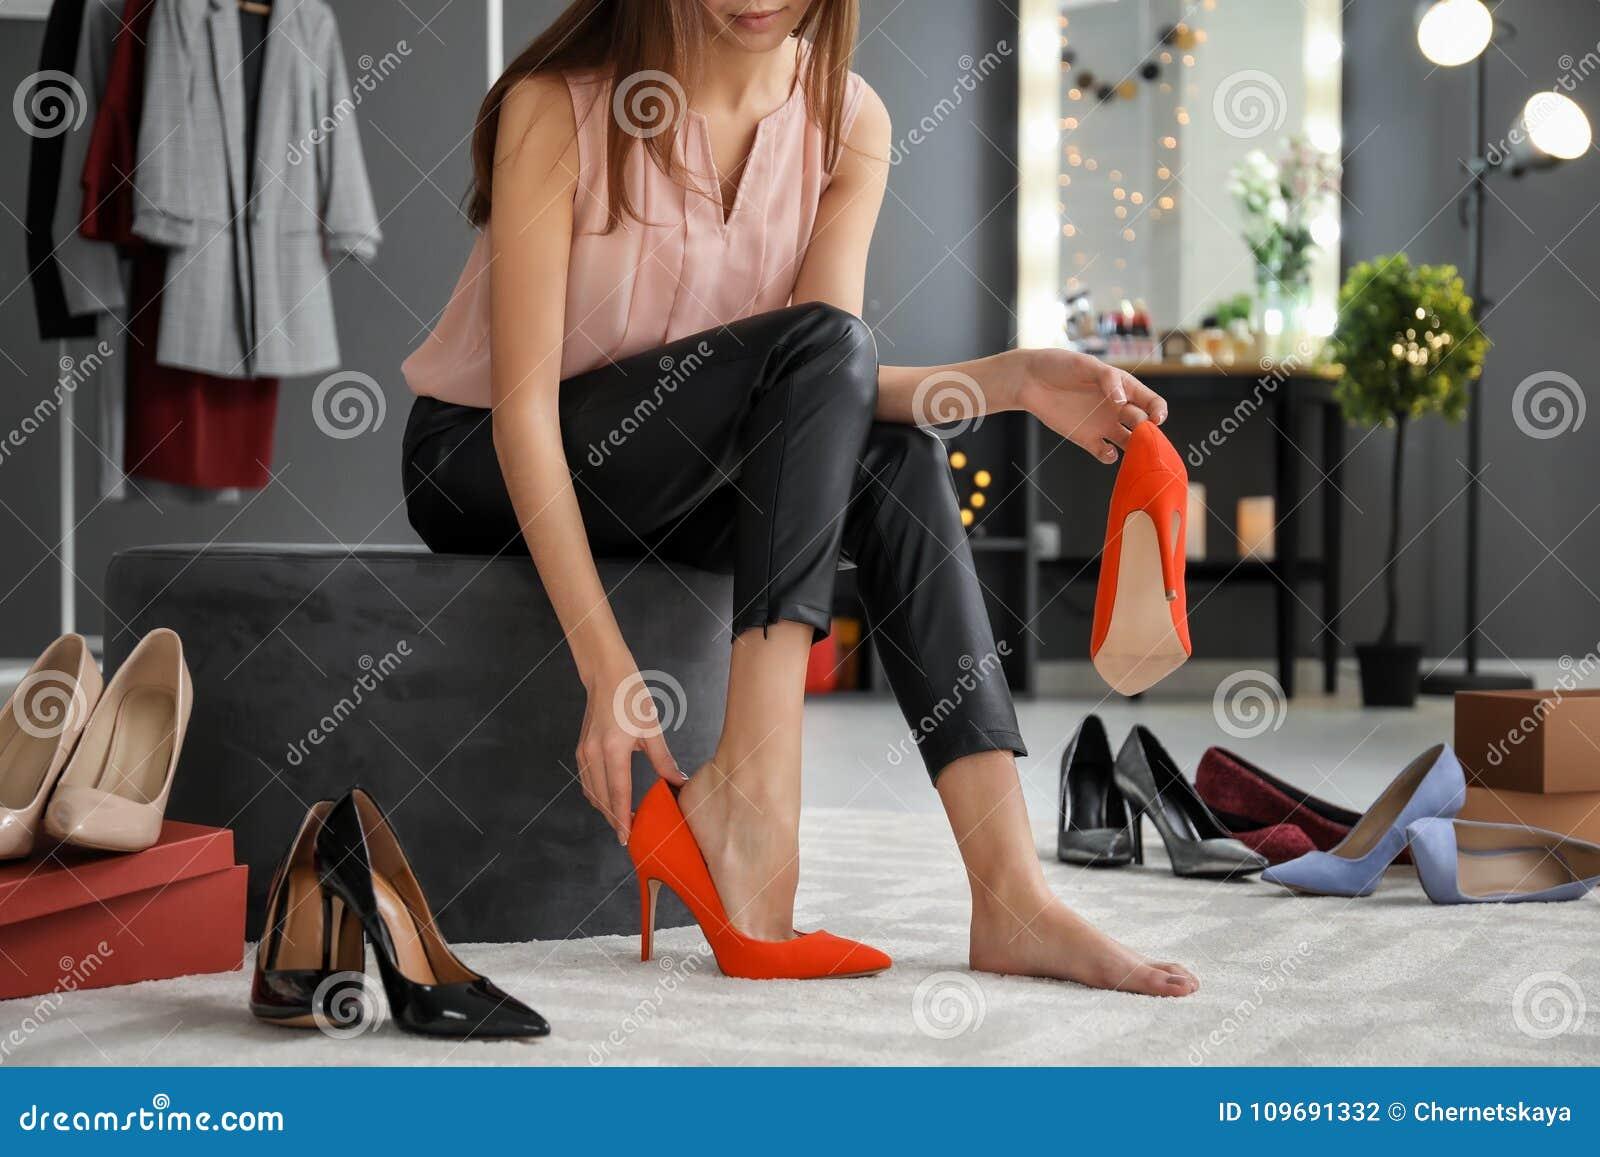 Jonge vrouw die op schoenen probeert